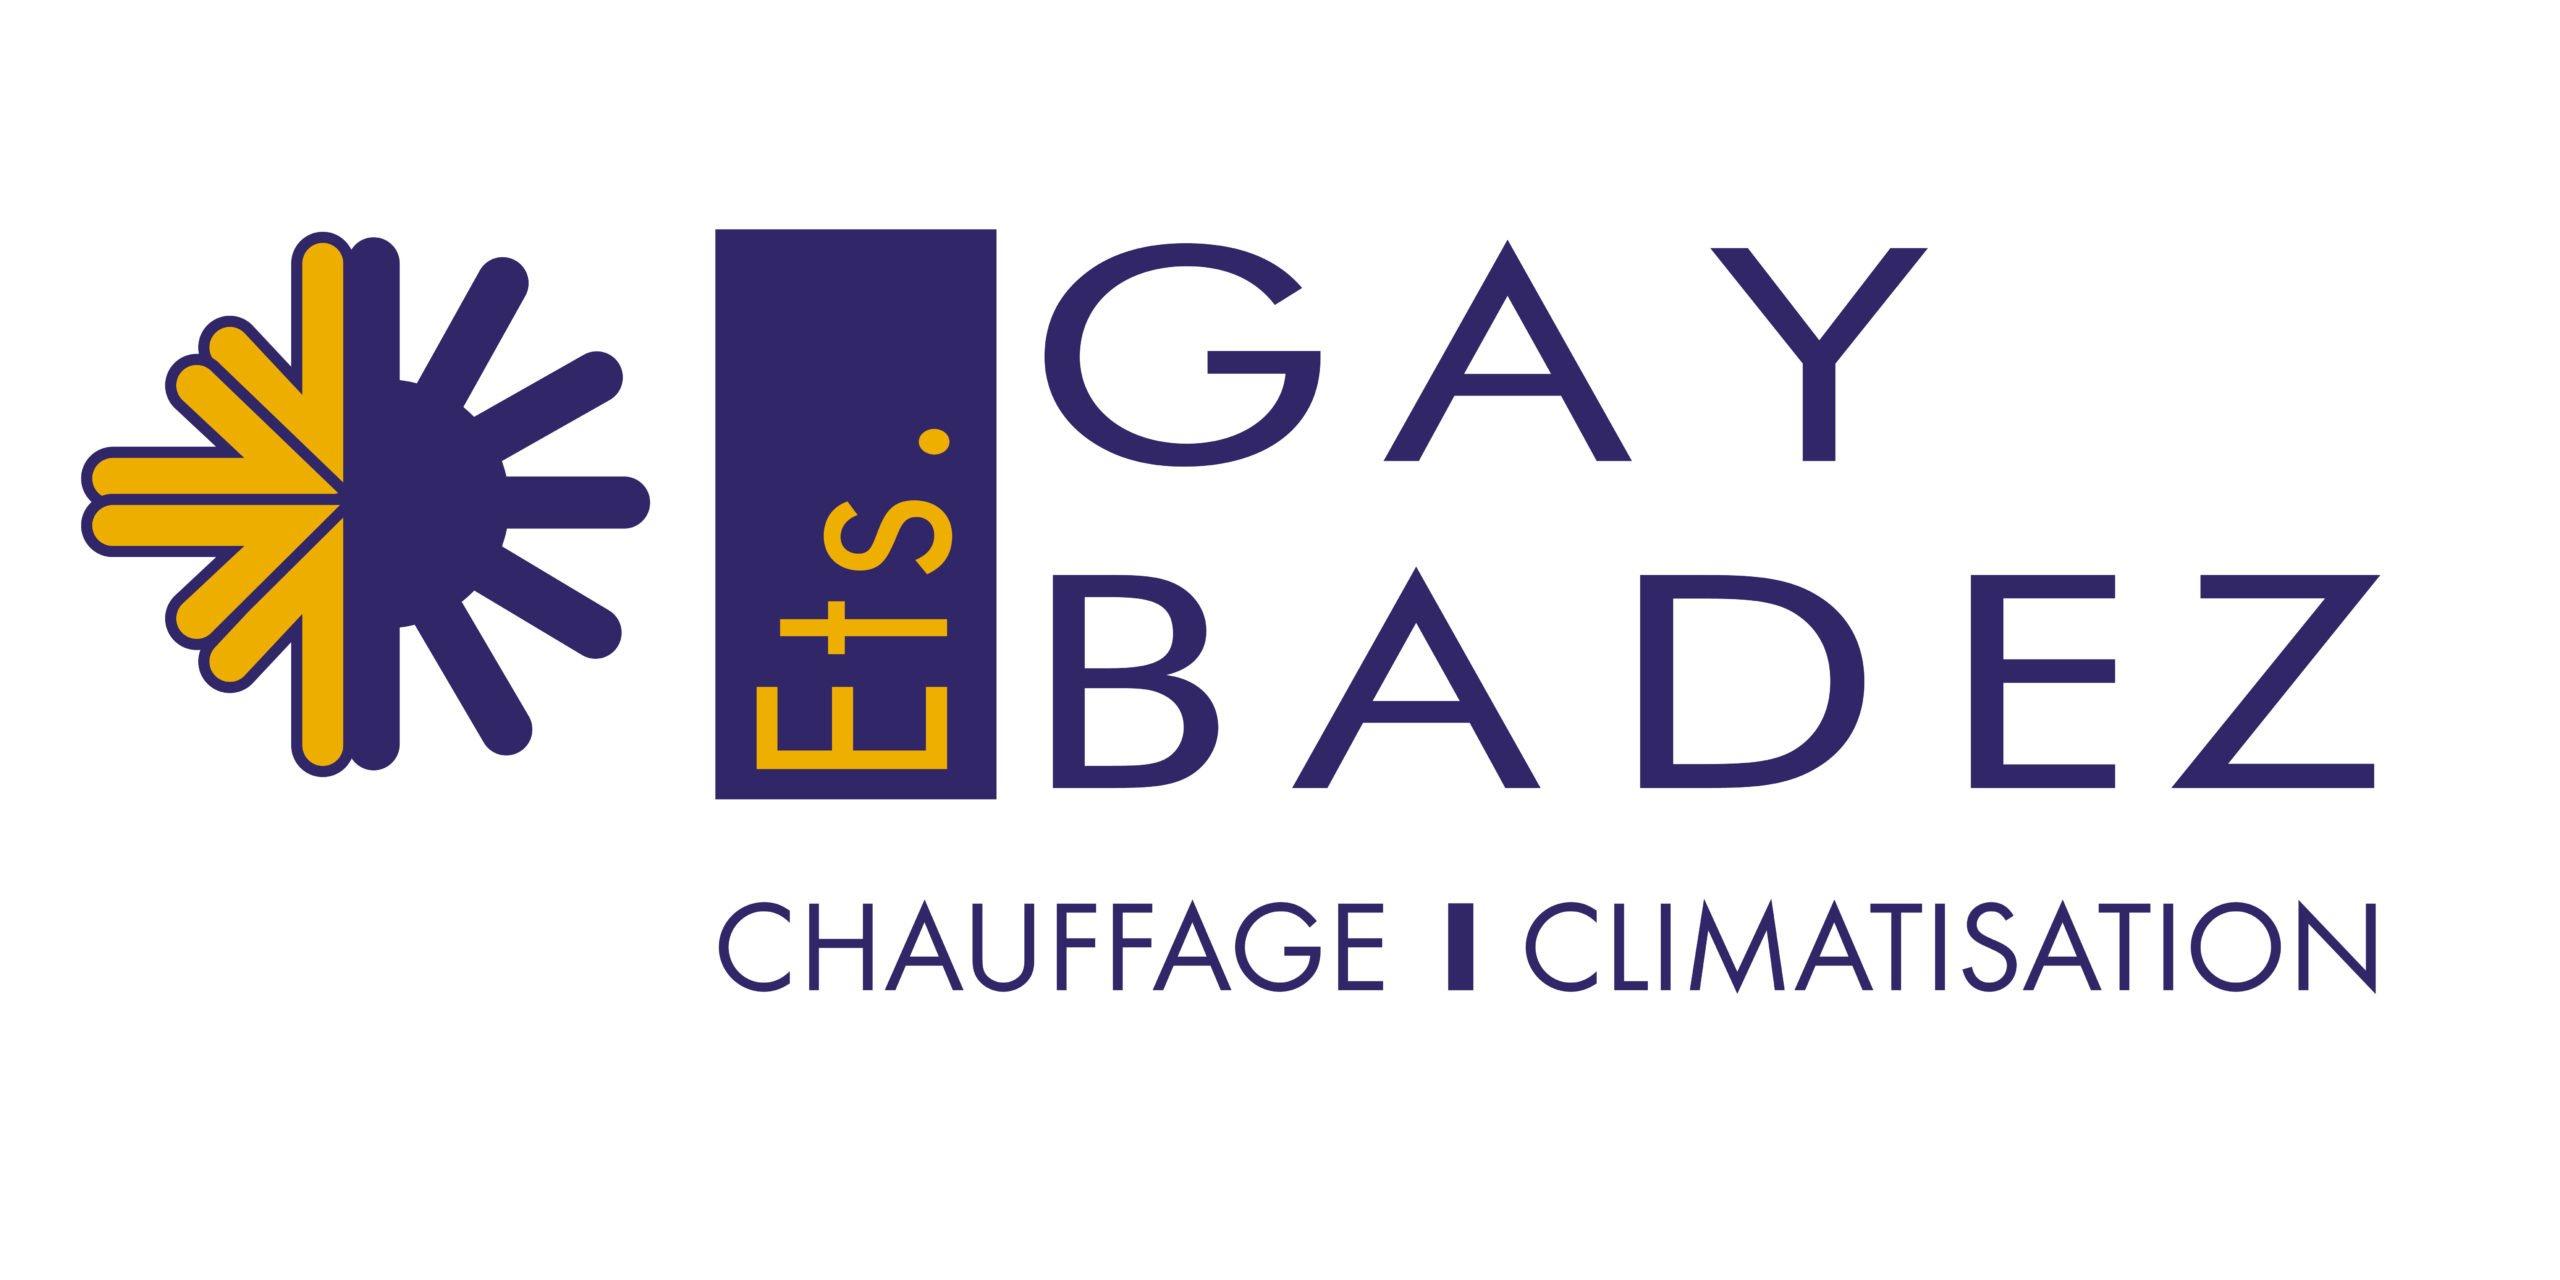 GAY BADEZ